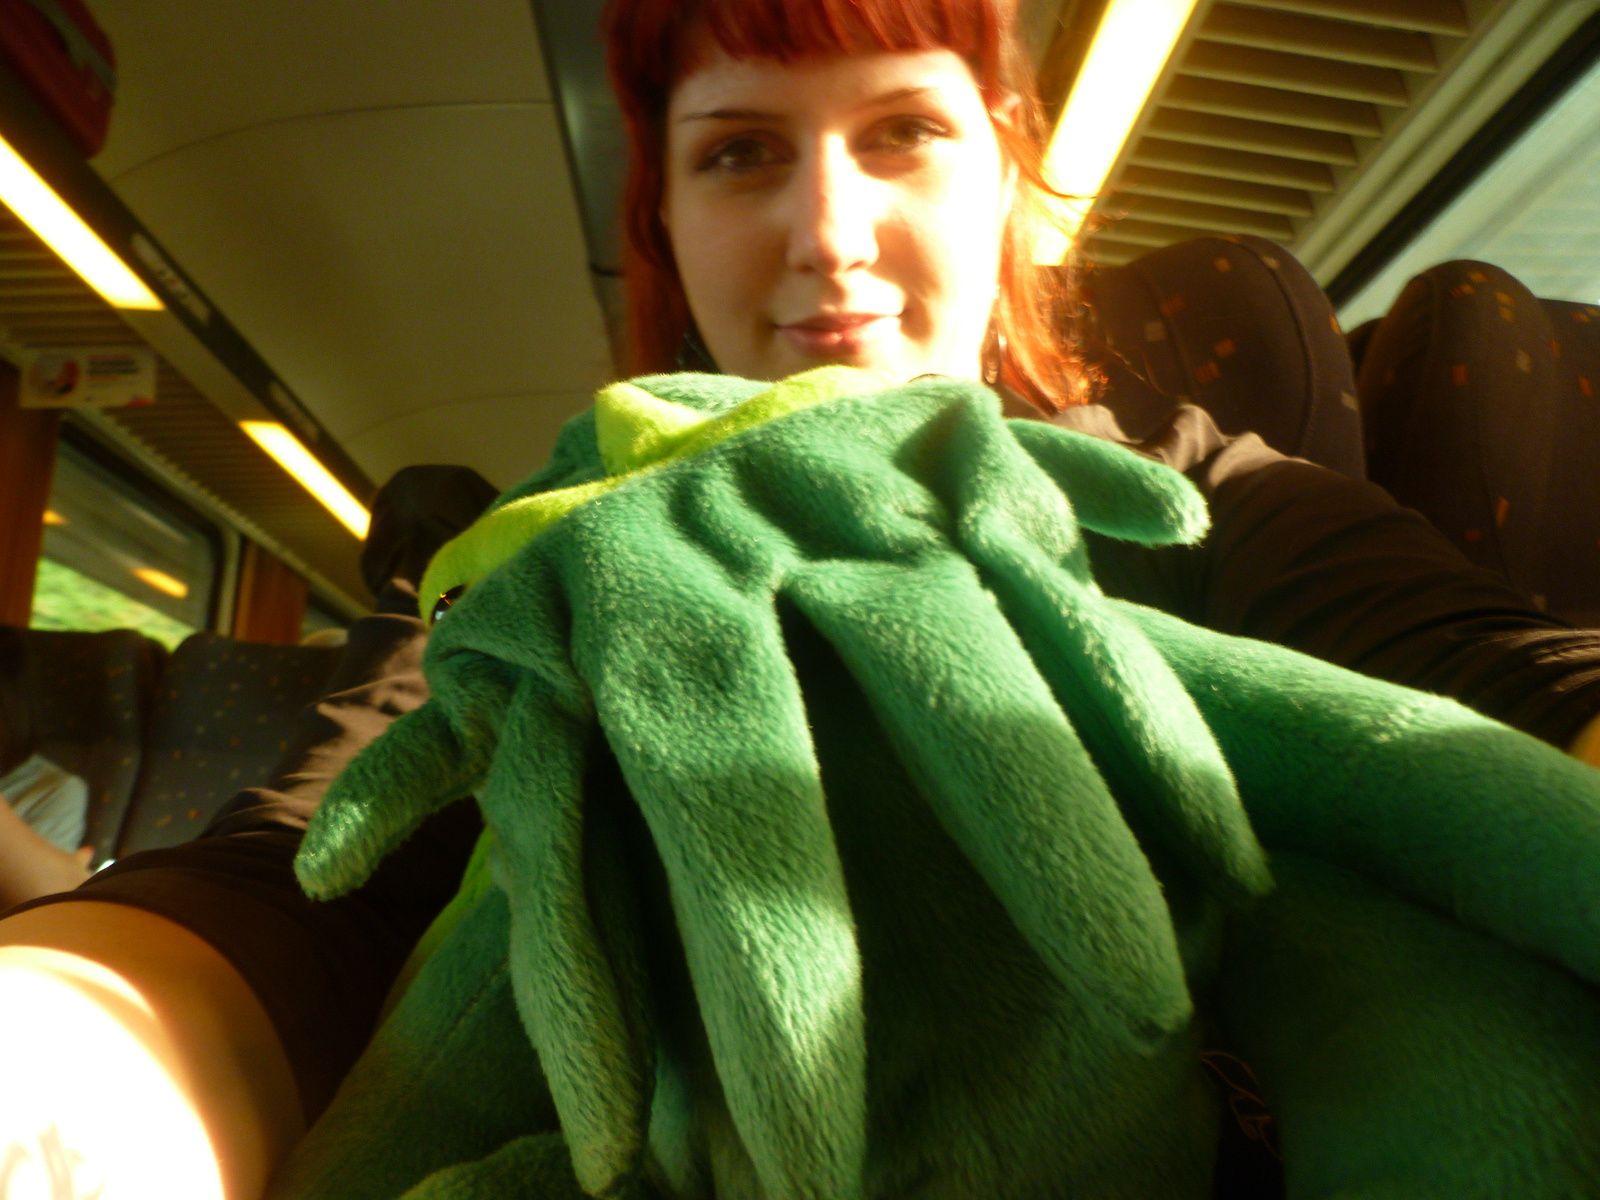 Cthulhu dans le train vers Bruxelles...